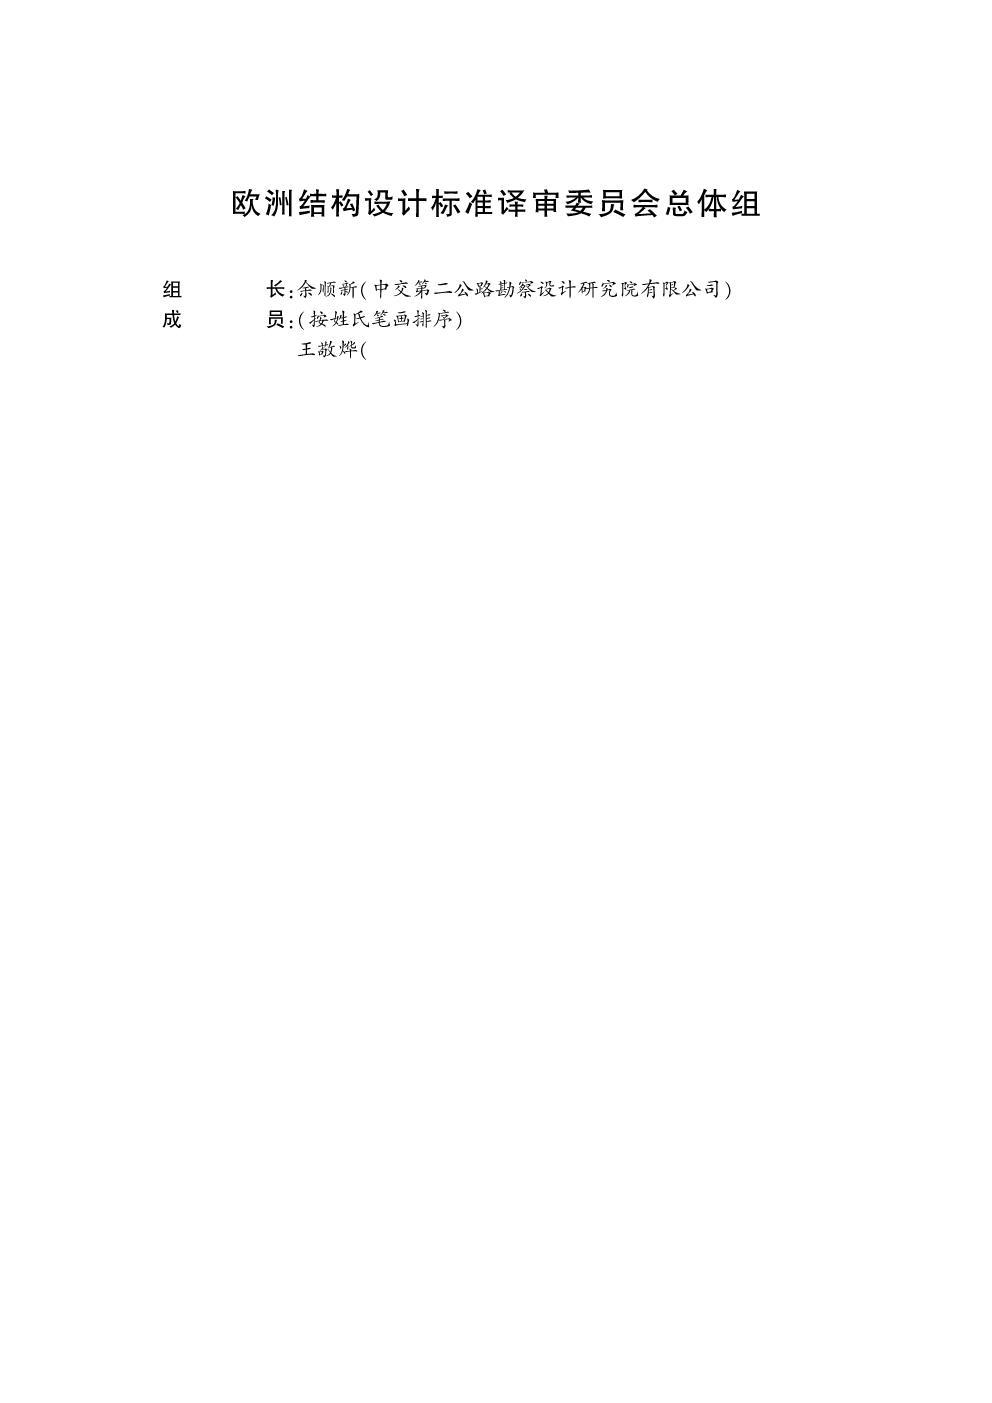 英国国家附件-钢结构设计第1-3部分:一般规定——冷成型构件和薄钢板的补充规定-NA-to-BS-EN-1993-1-3:2006-Page-006